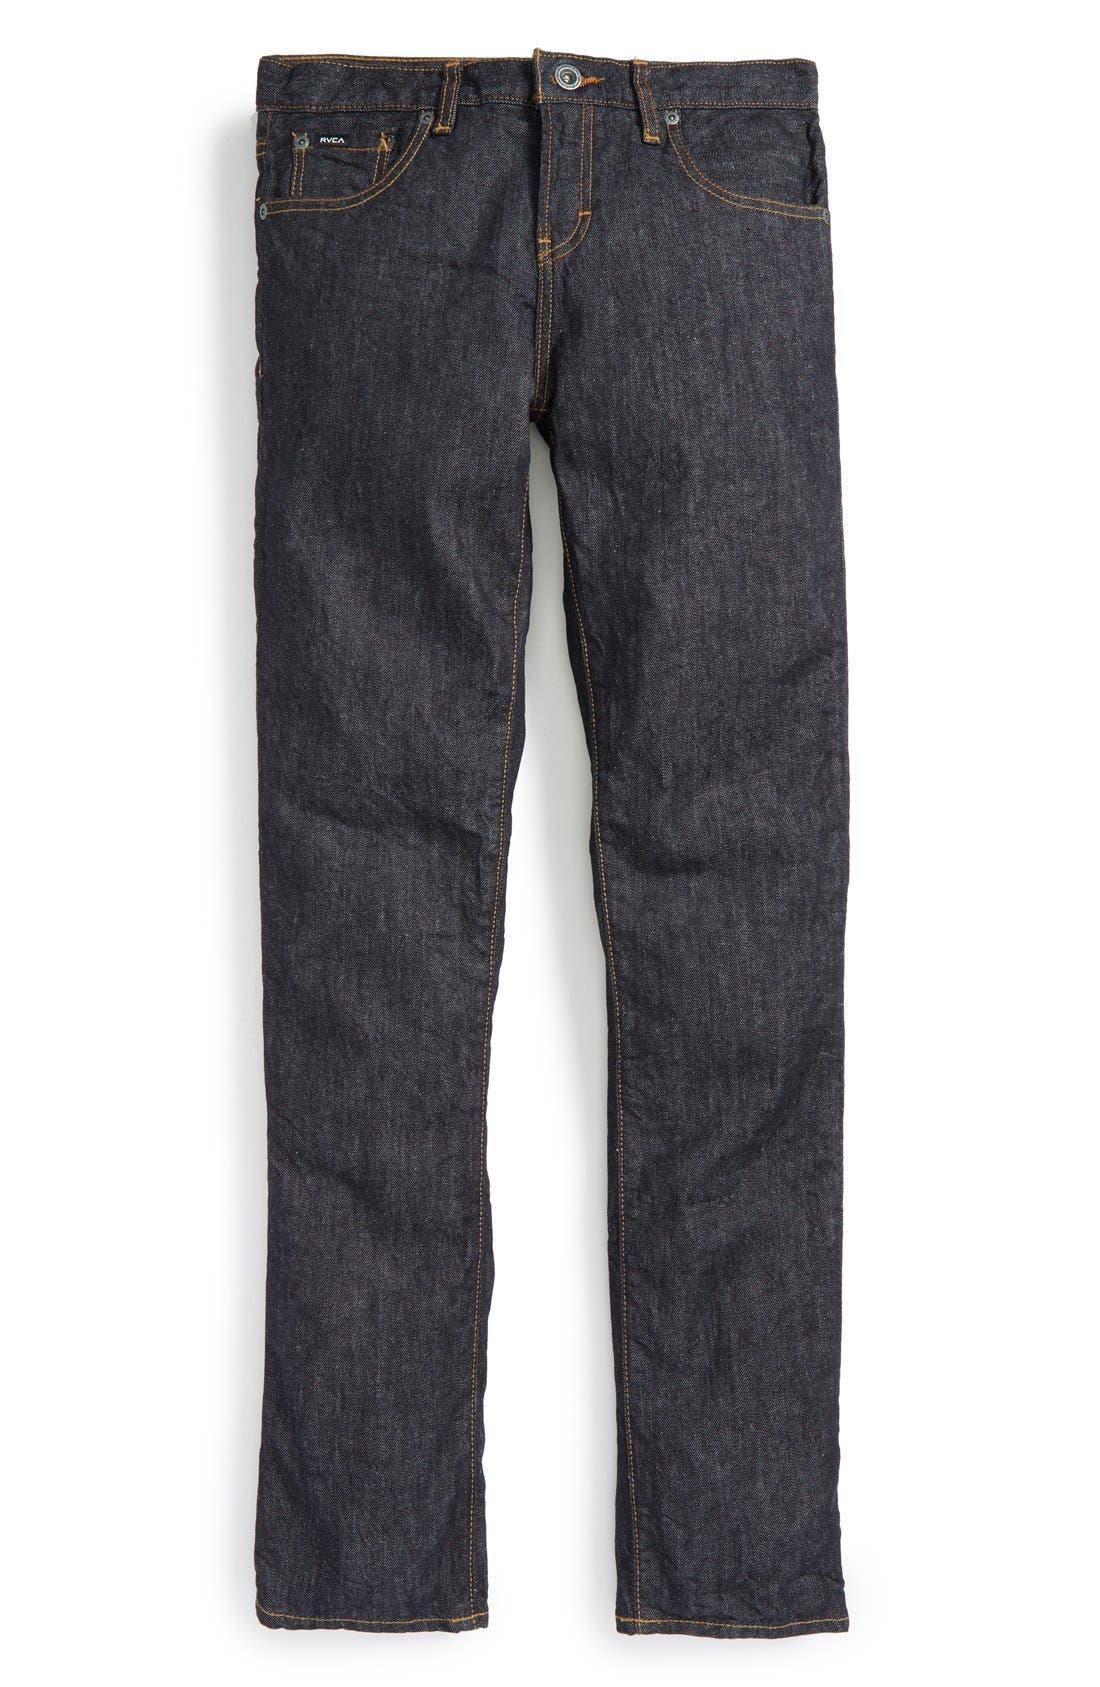 RVCA 'Daggers' Slim Fit Jeans (Big Boys)